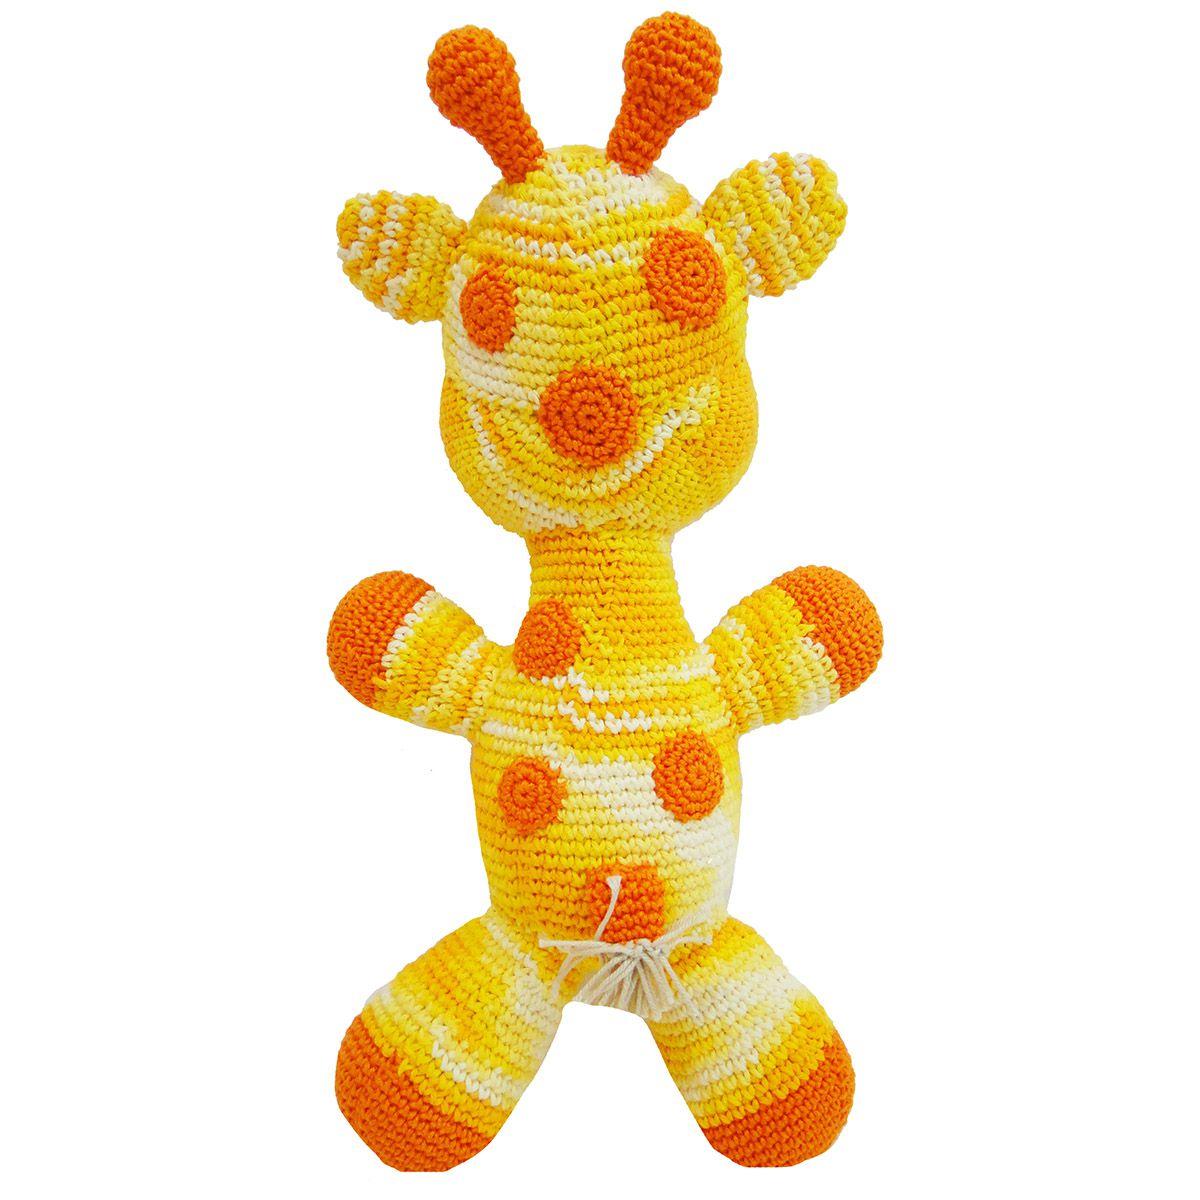 Girafa Animal Croche Amigurumi Fofinho Grande Amarela